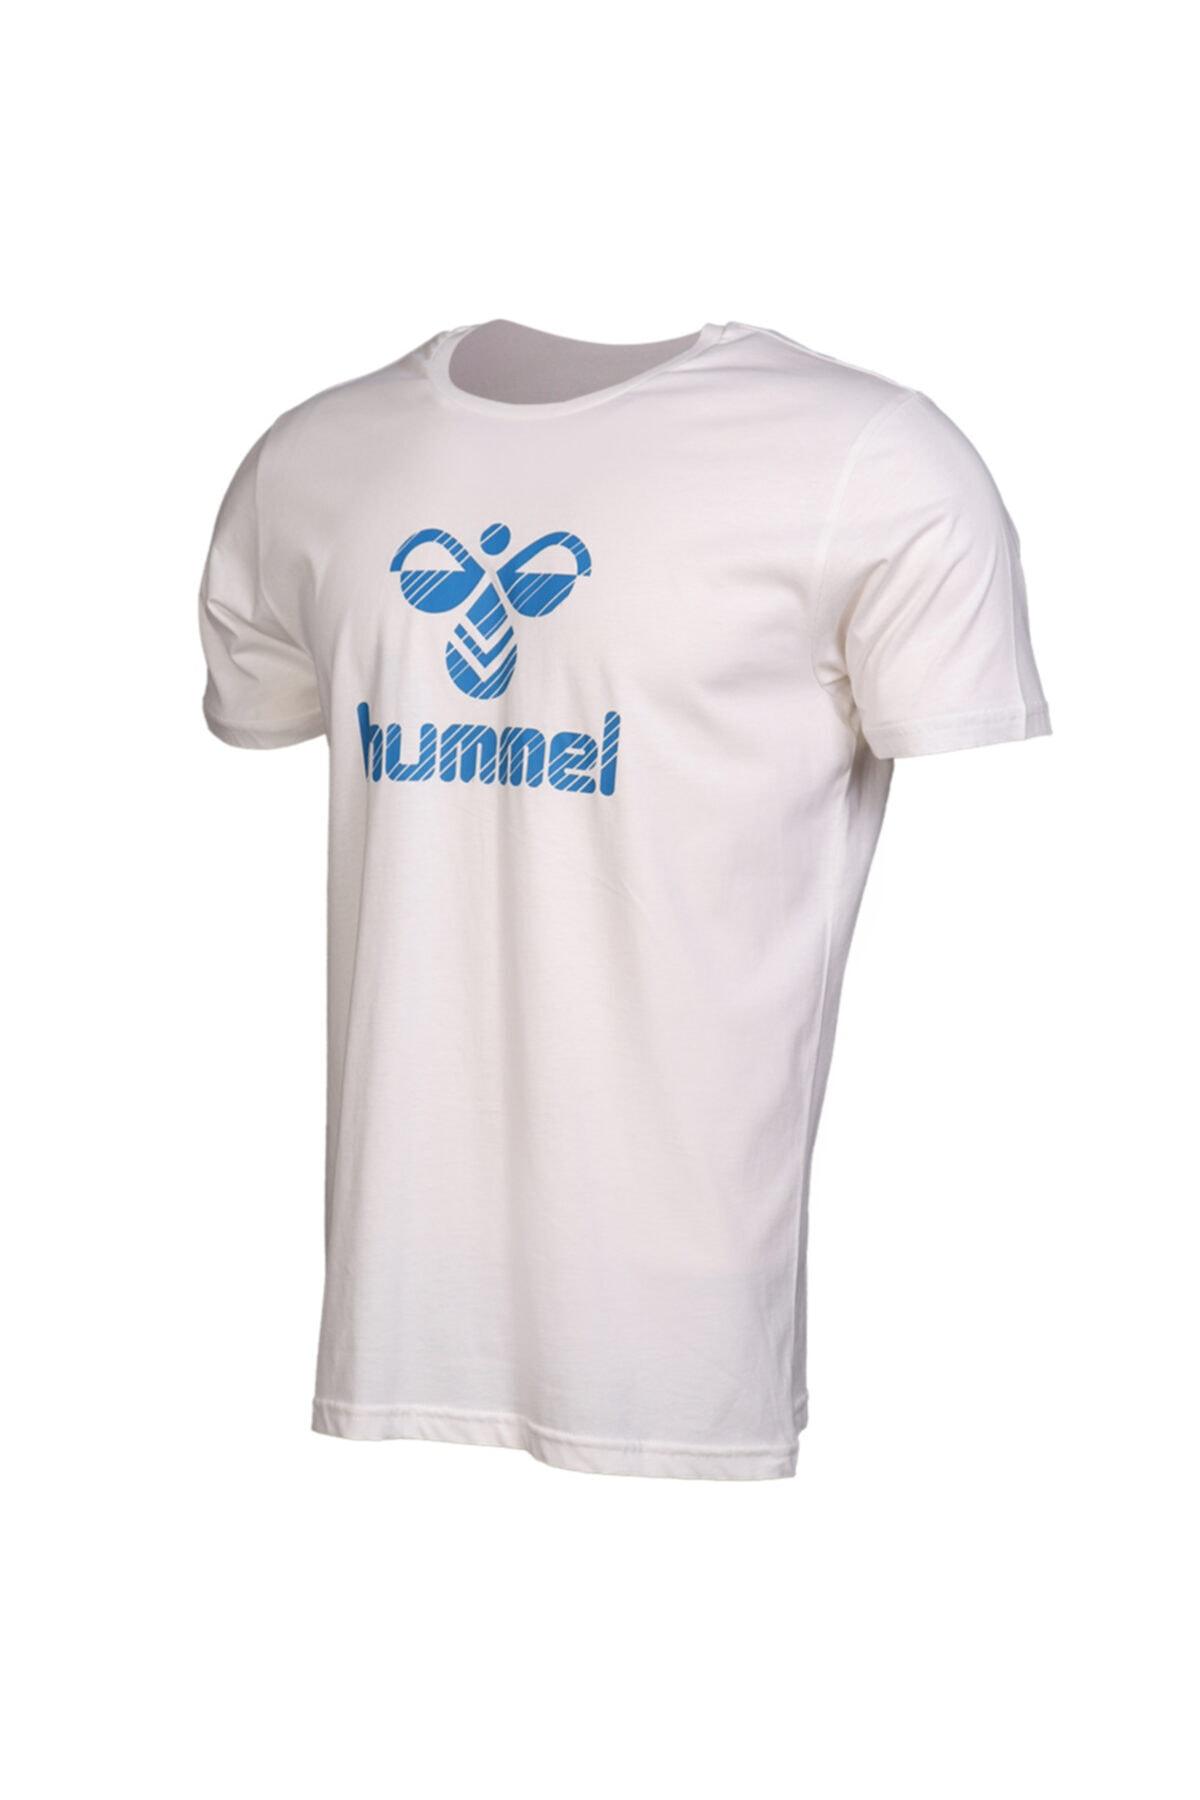 HUMMEL Rob Kısa Kollu Tişört 1